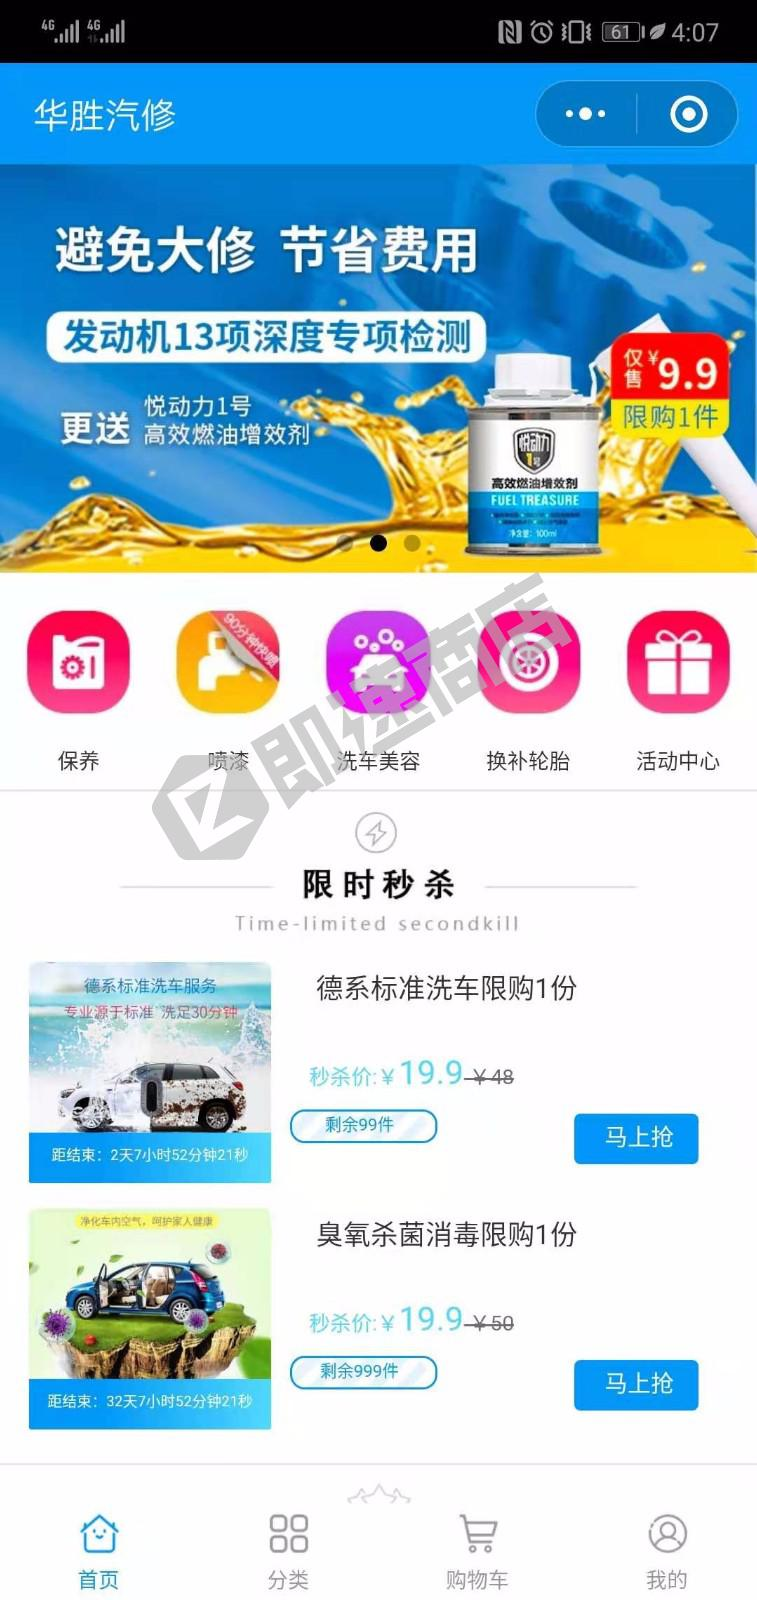 华胜豪车专修小程序首页截图